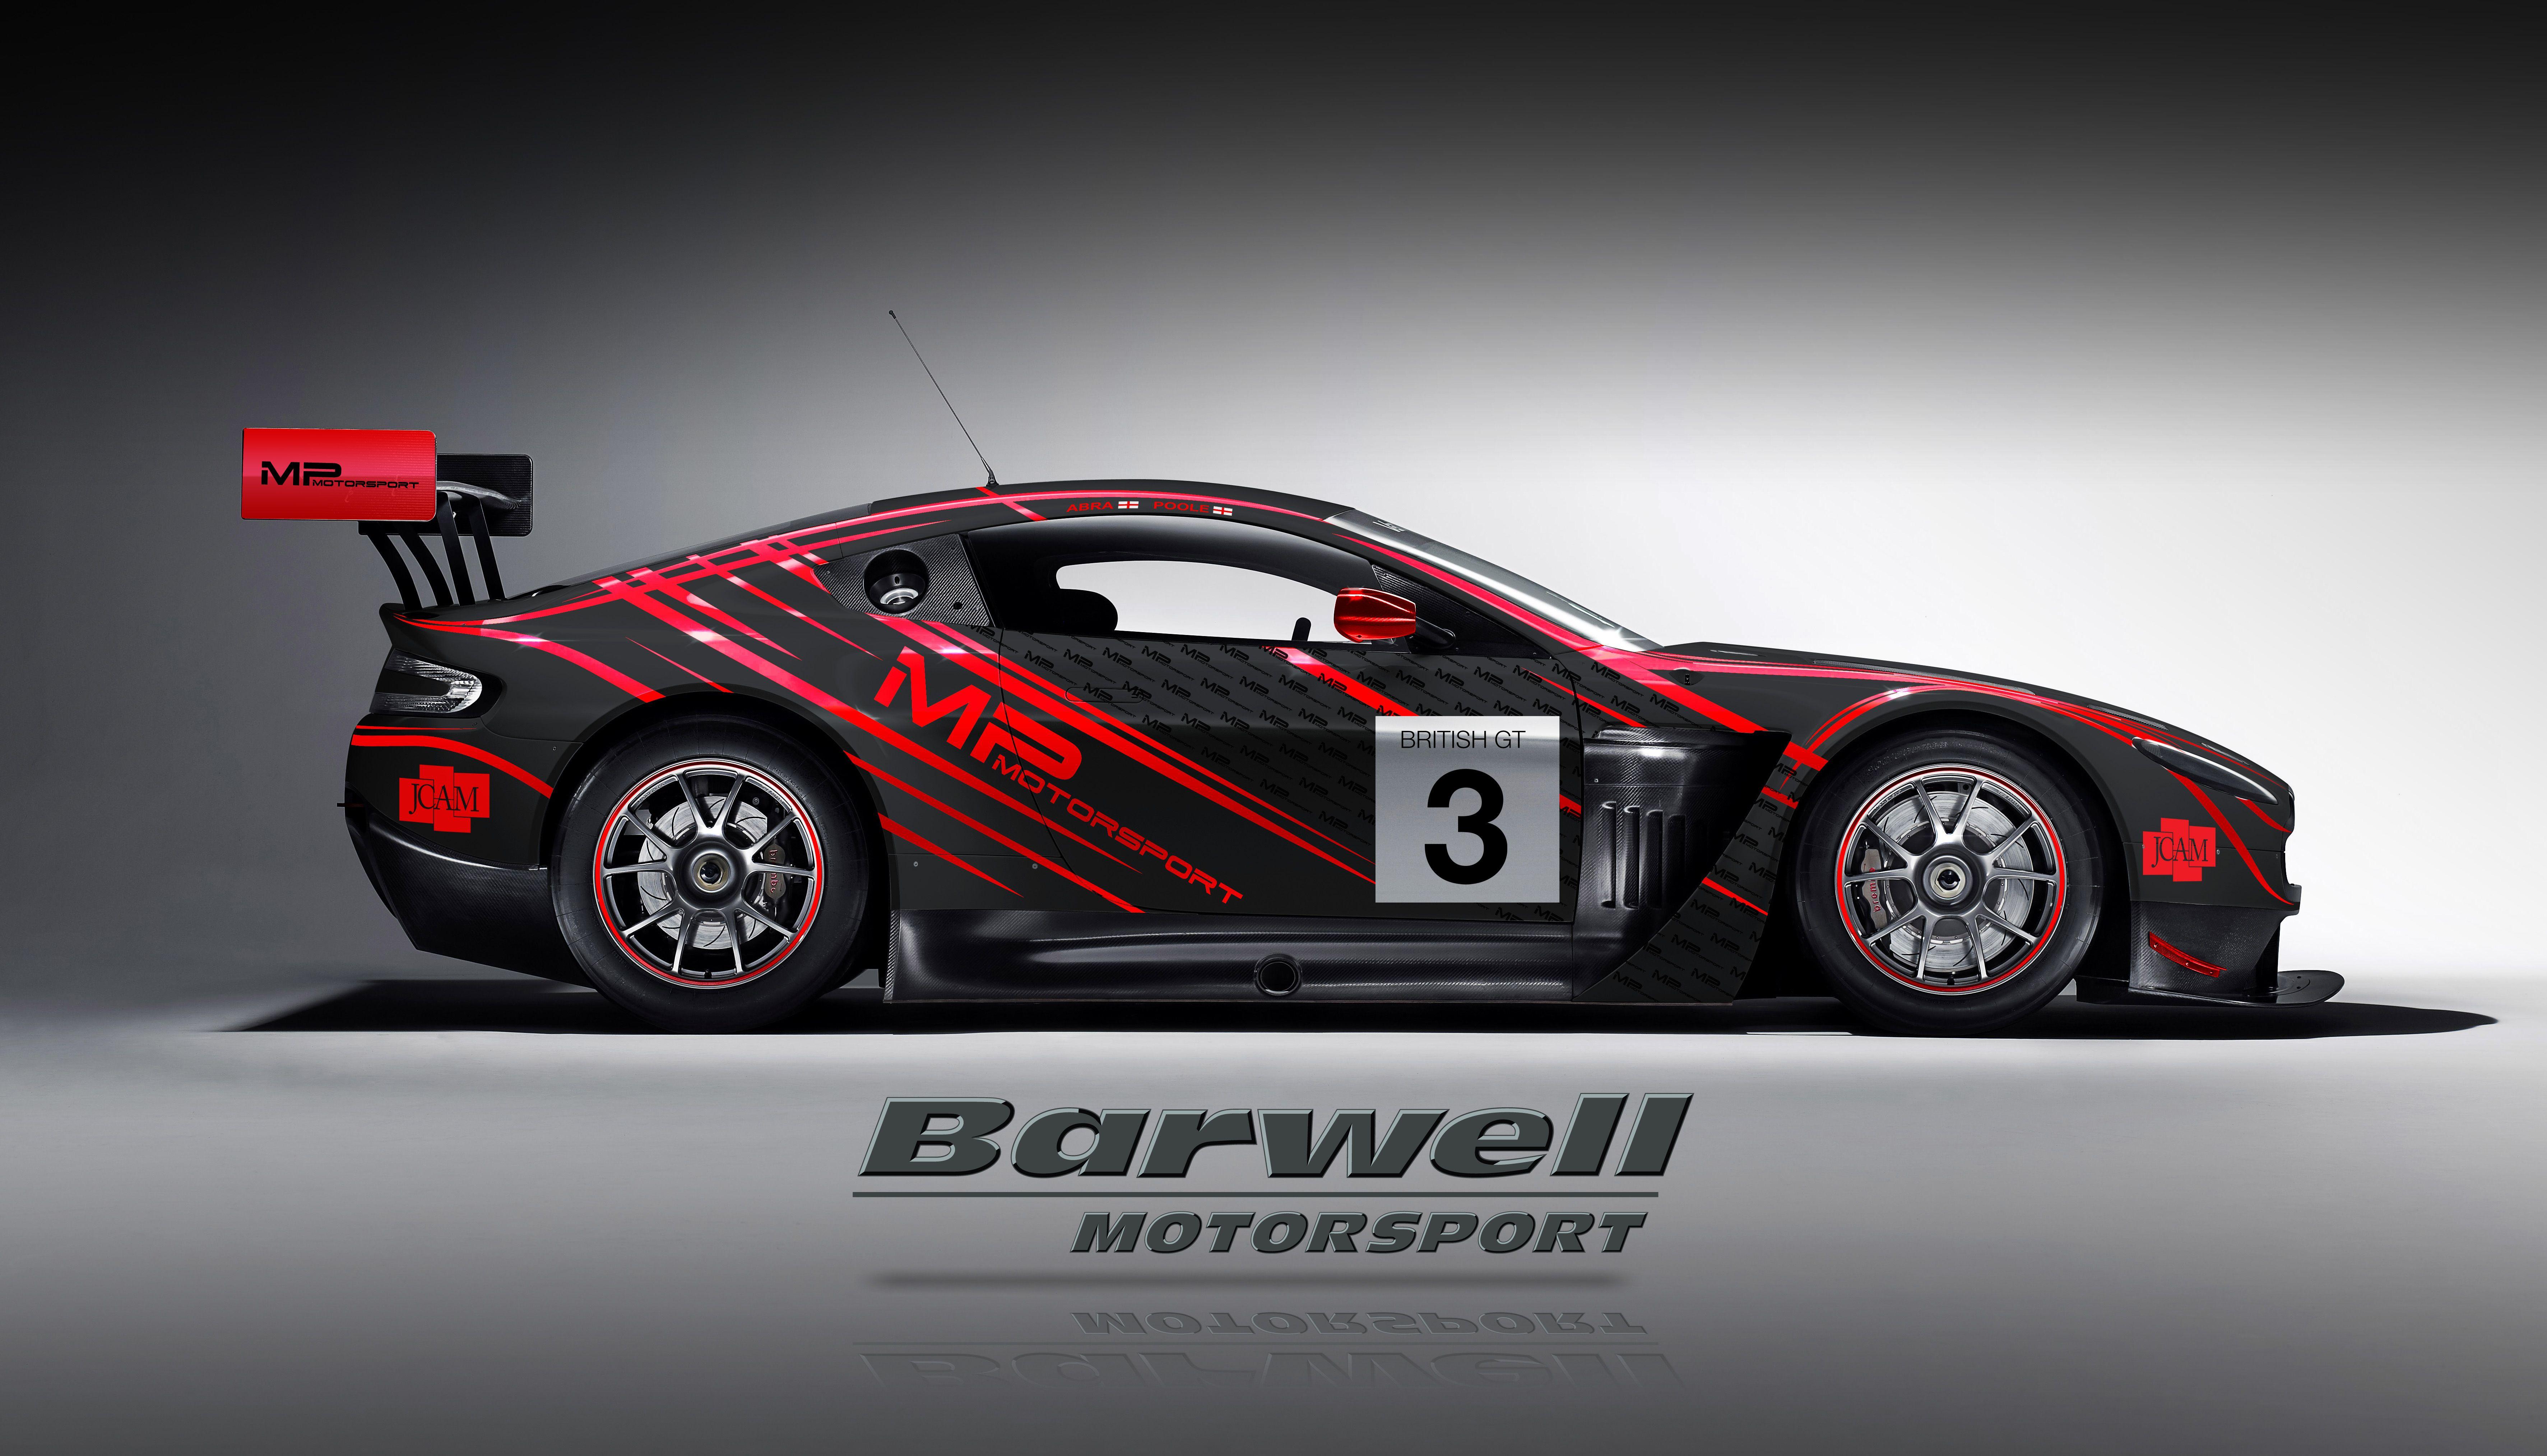 Race Aston Martin Google Search  Race Car Wraps - Racing car decals design